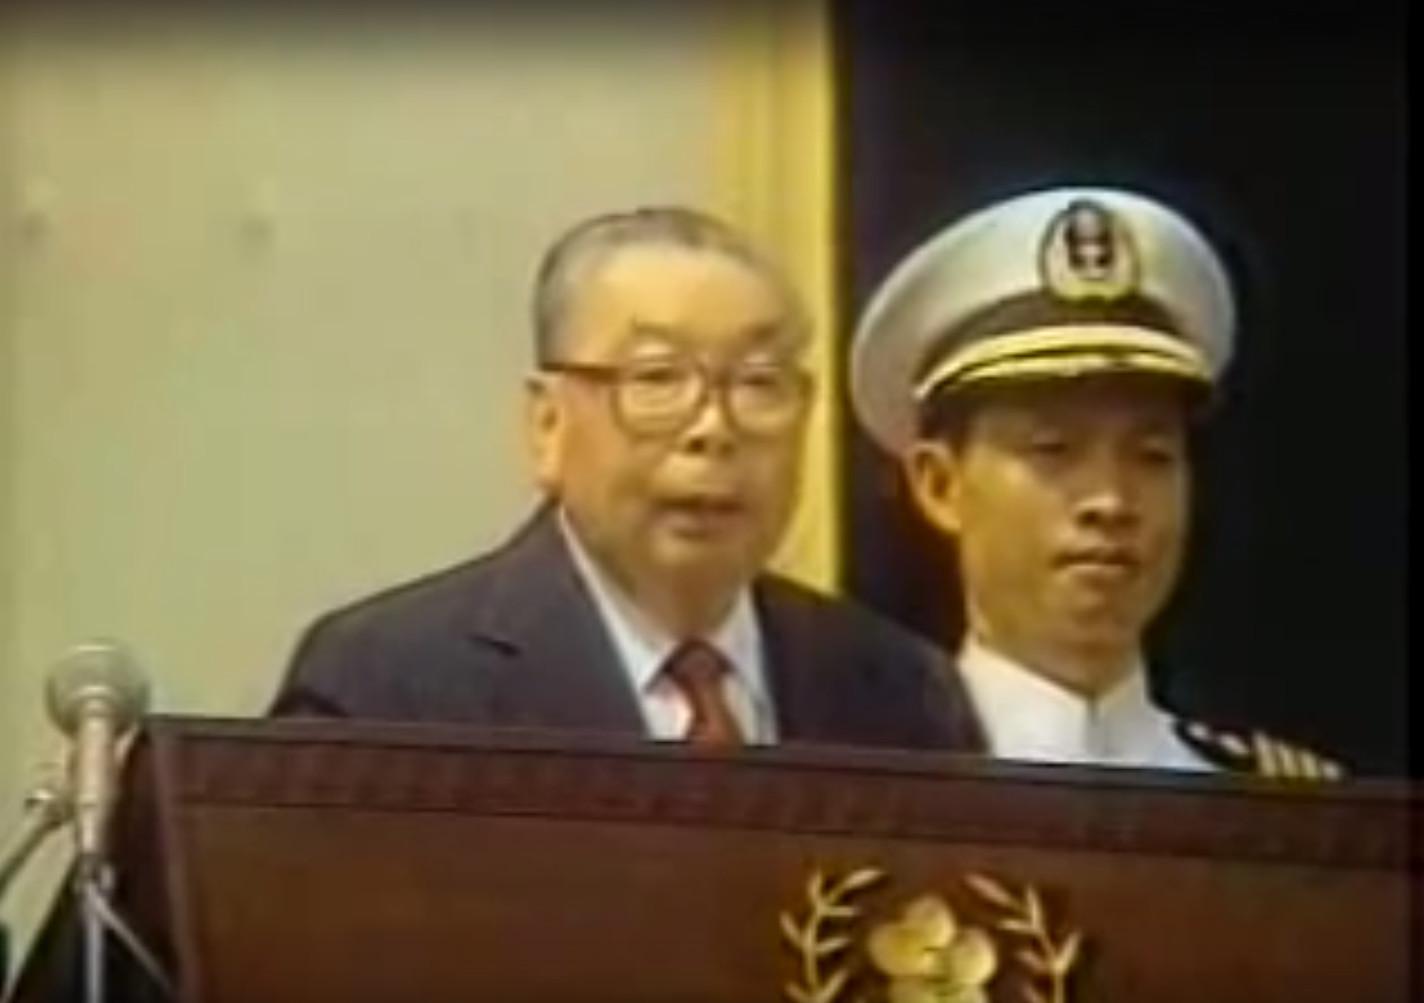 辭世30年仍民調第一!蔣經國「經典十句話」瘋傳 撼動網友